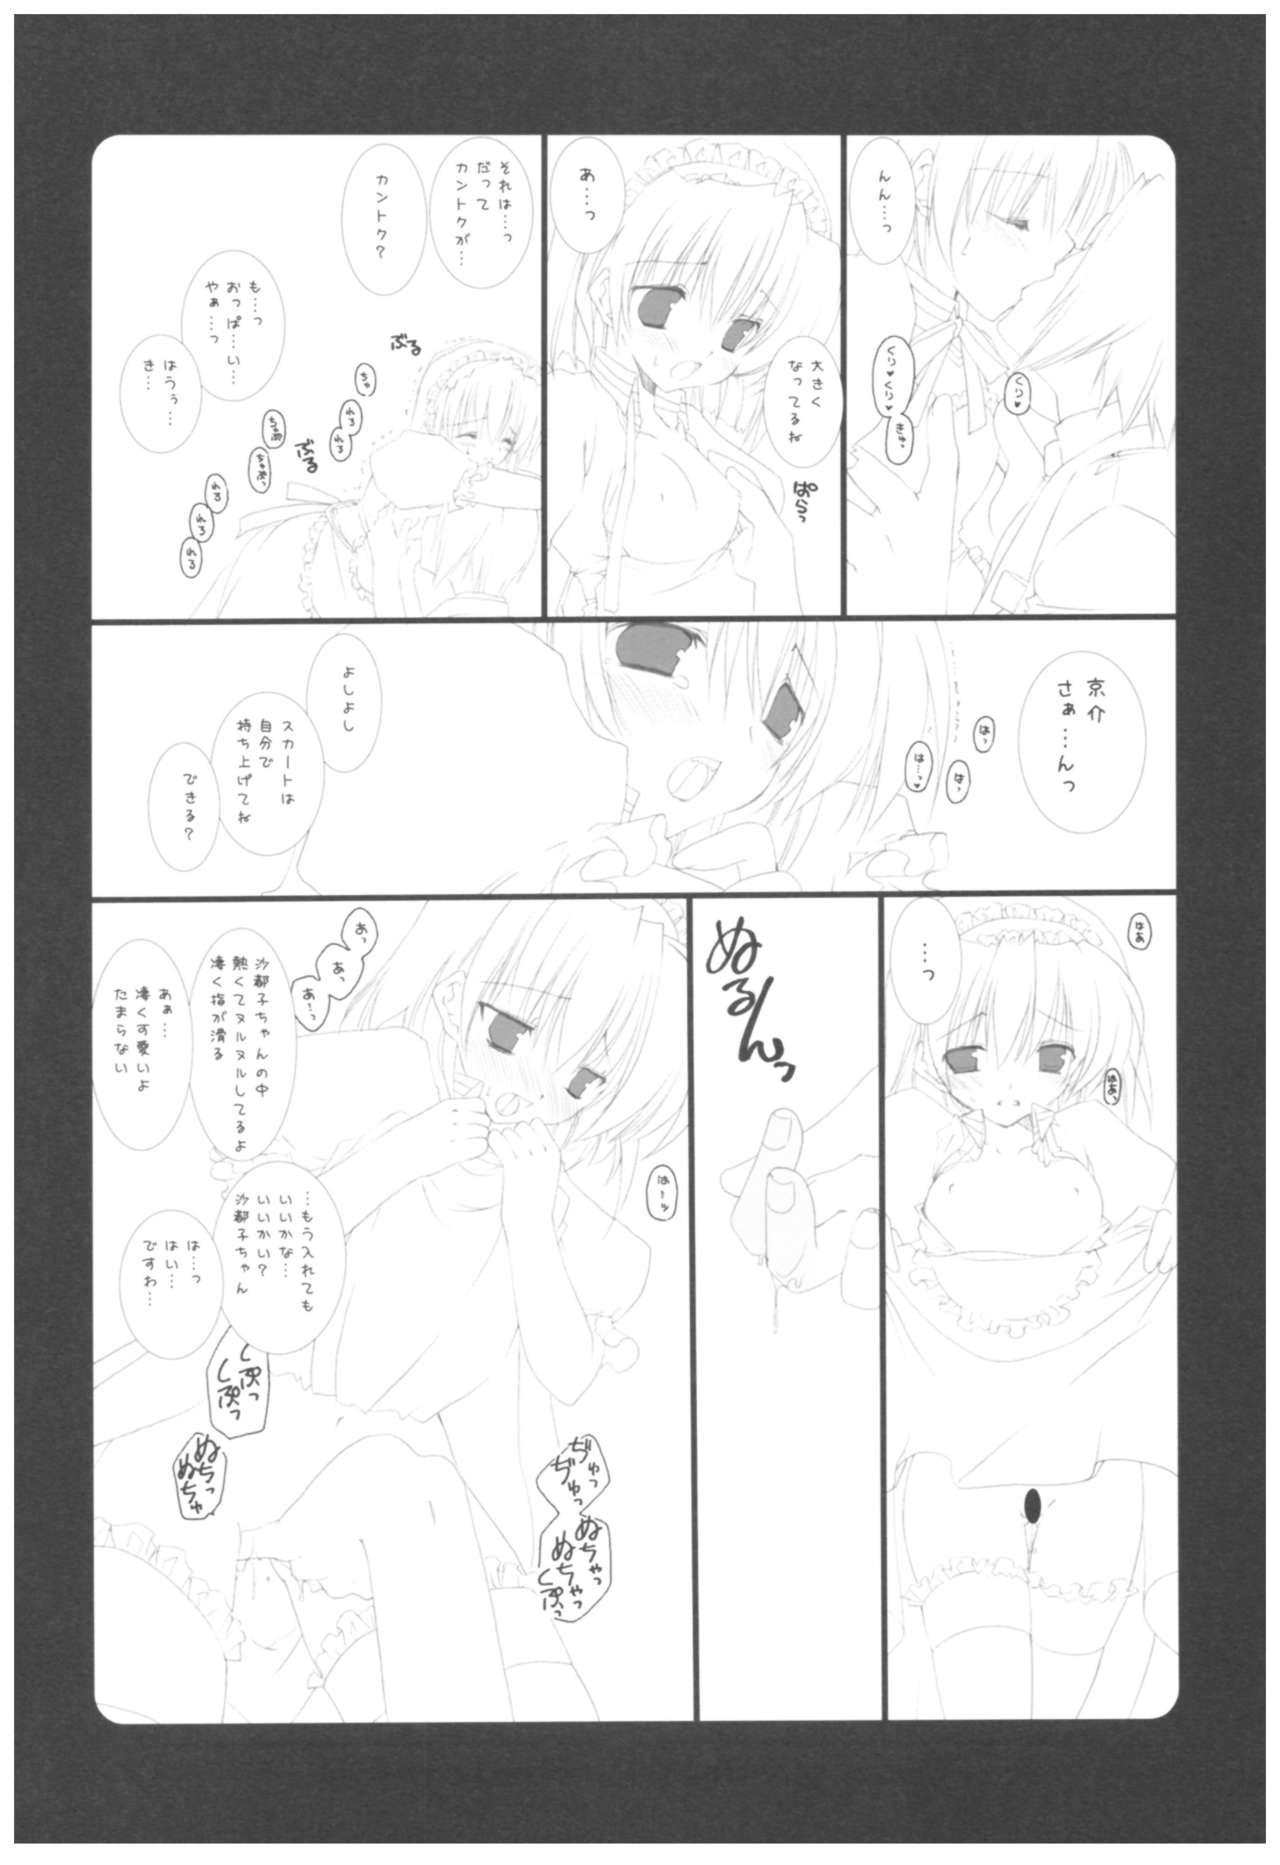 Naedoko Ikusei Kansatsu Kiroku 169